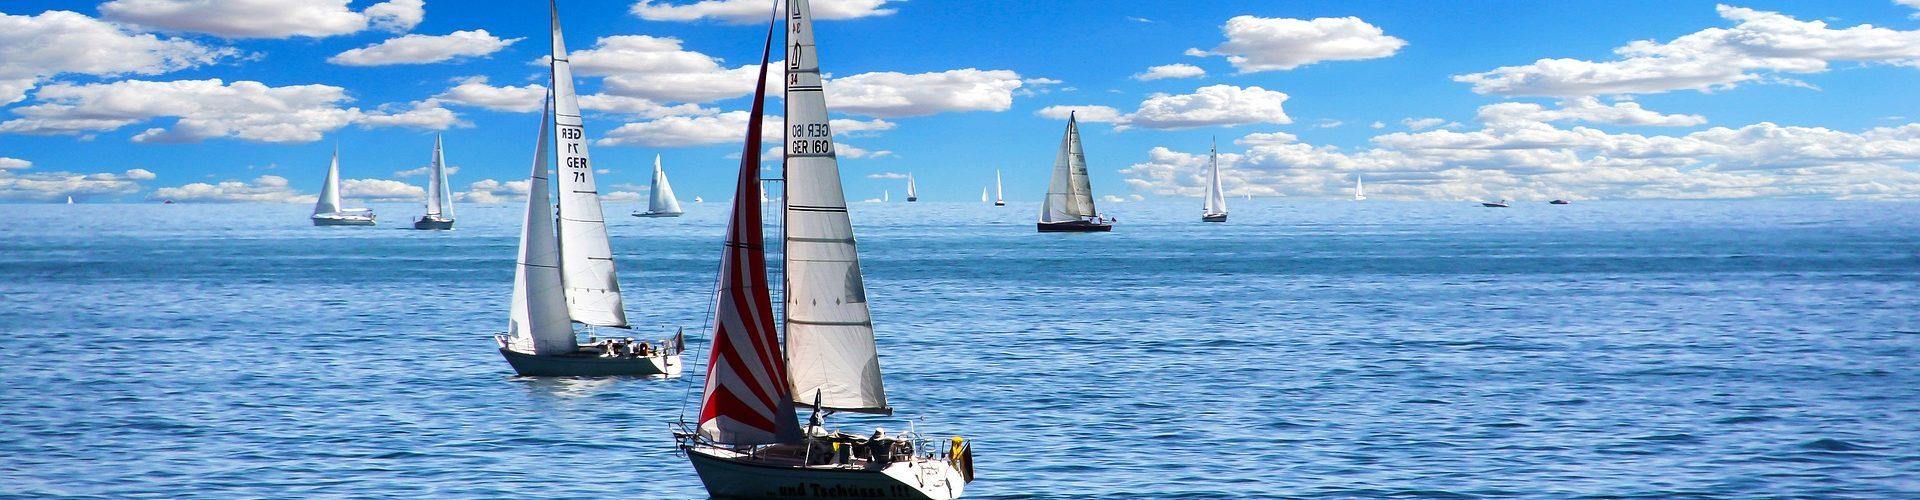 segeln lernen in Rust segelschein machen in Rust 1920x500 - Segeln lernen in Rust